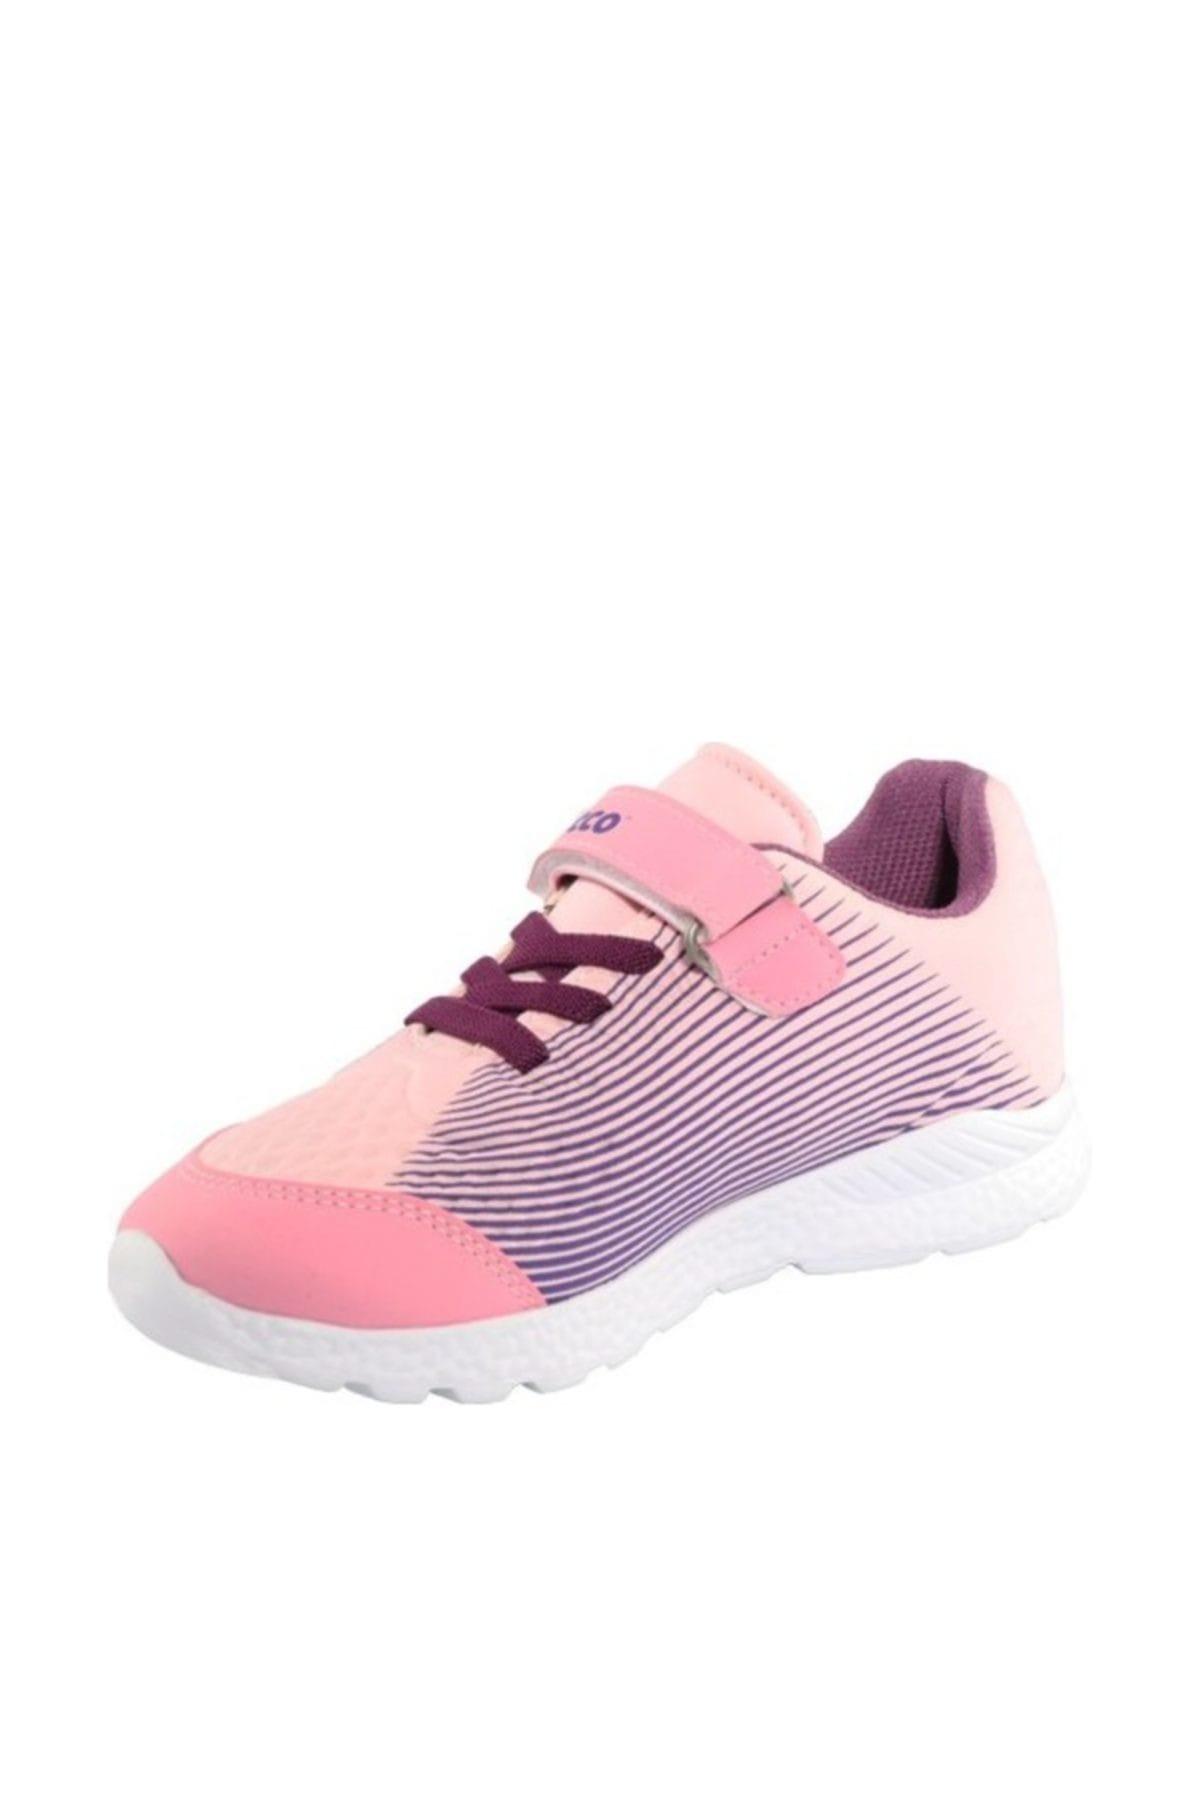 Vicco Pembe Mor Bağcıklı Spor Ayakkabı 2